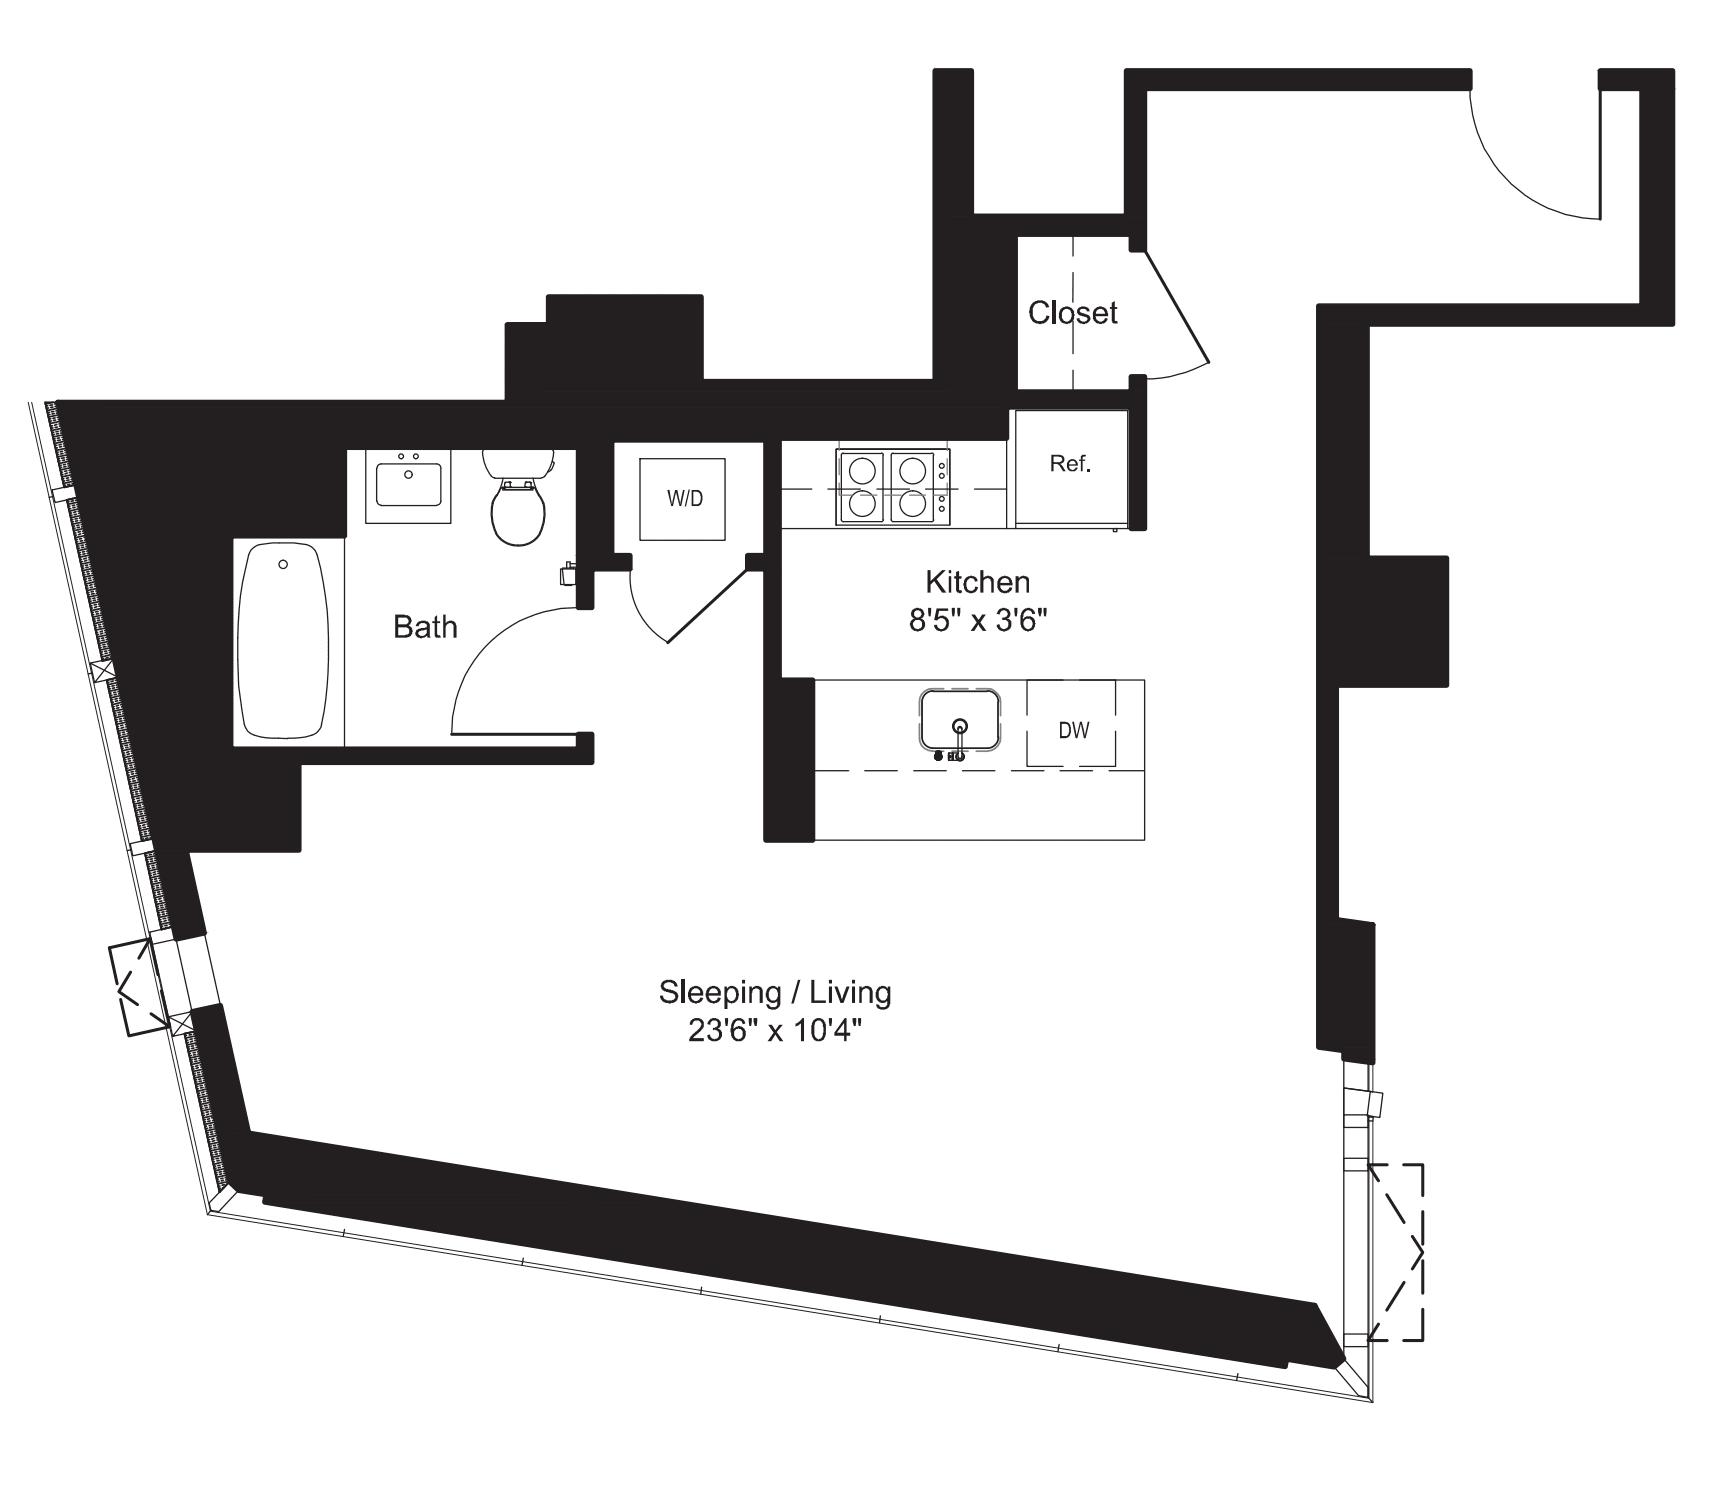 Studio C 20-22